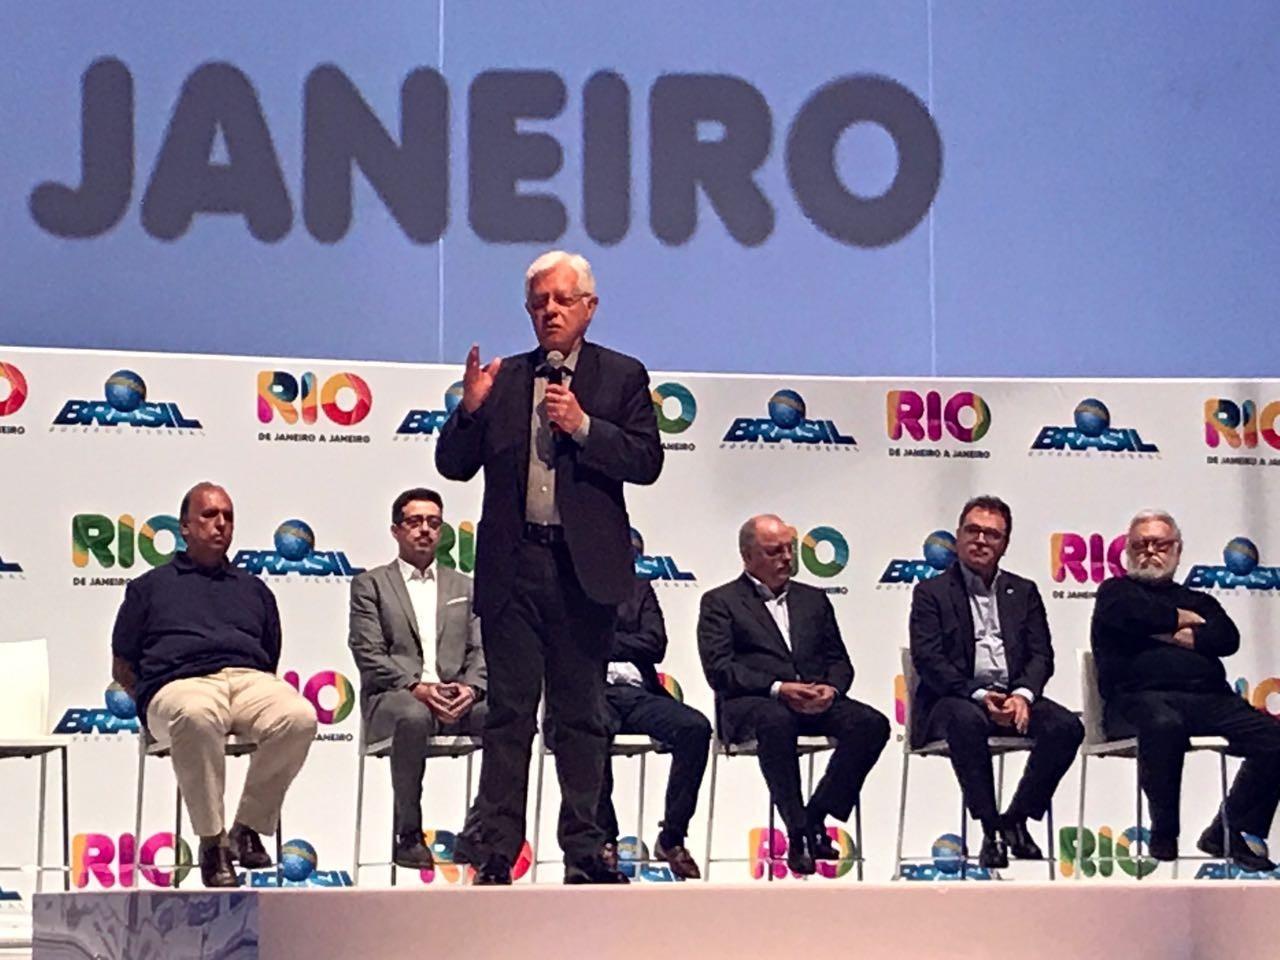 Governo federal vai manter ajuda ao RJ, garante ministro; Pezão reafirma criação de fundo para segurança